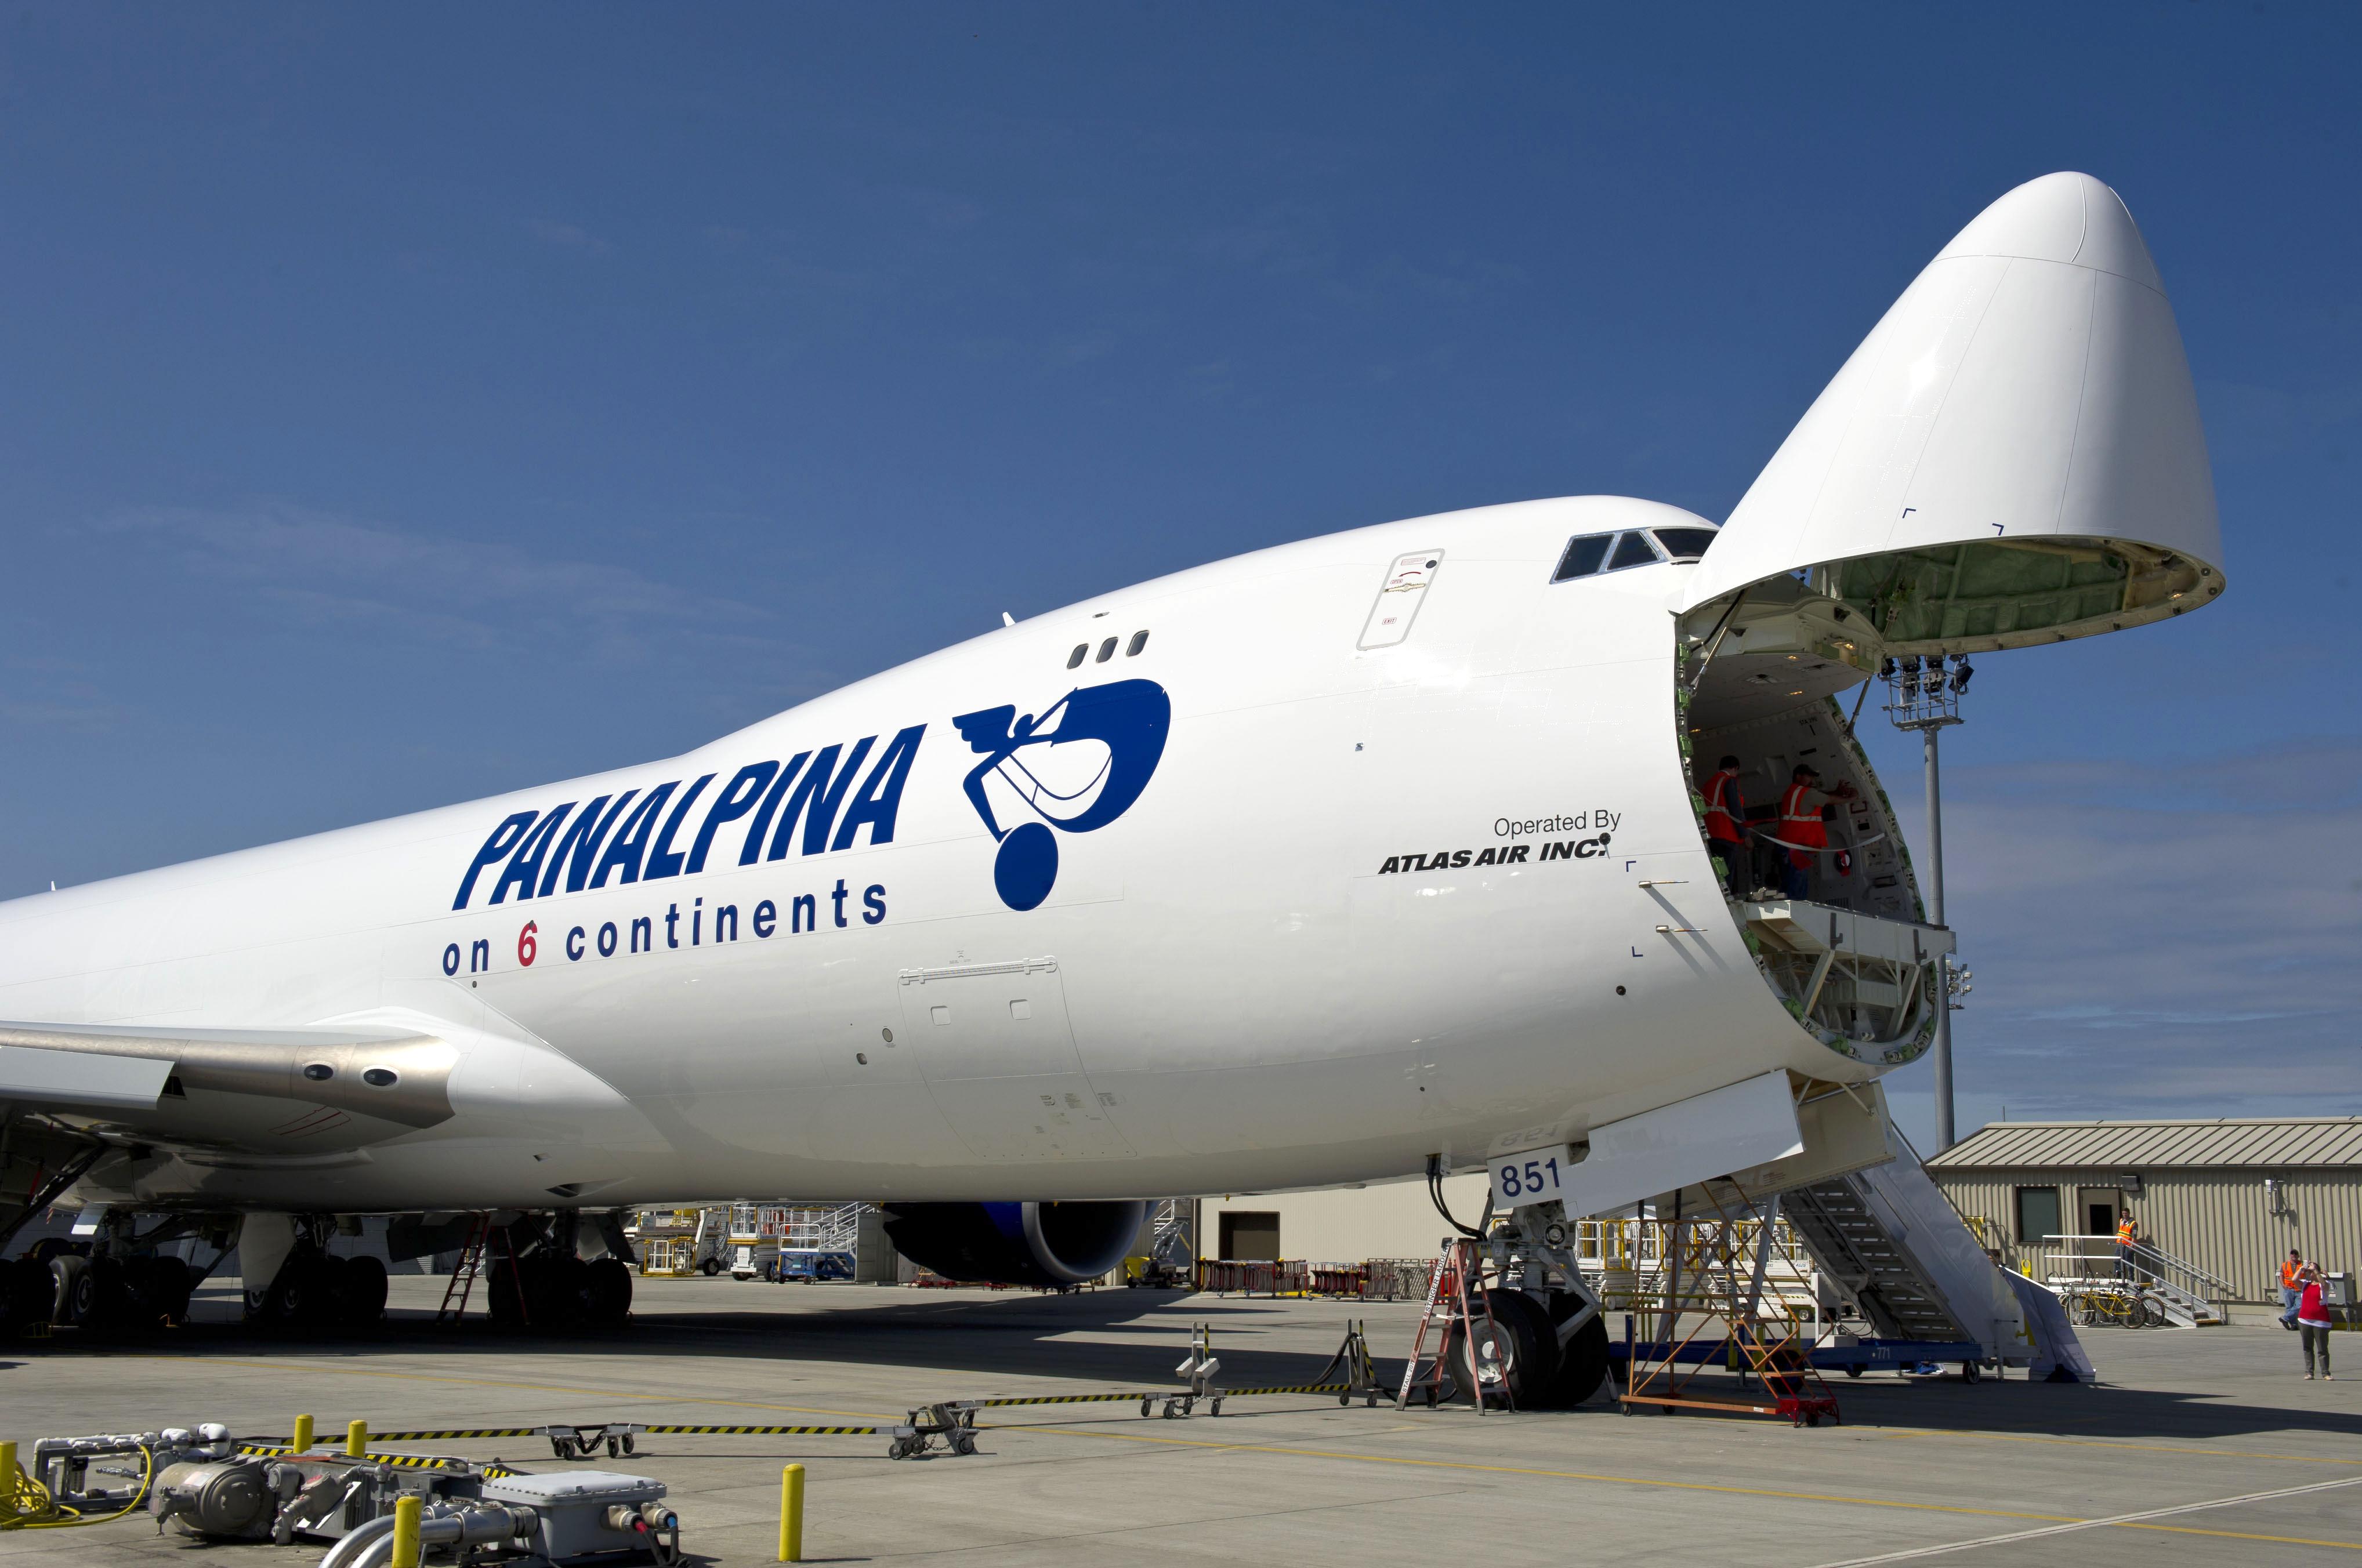 Atlas Air/Panalpina